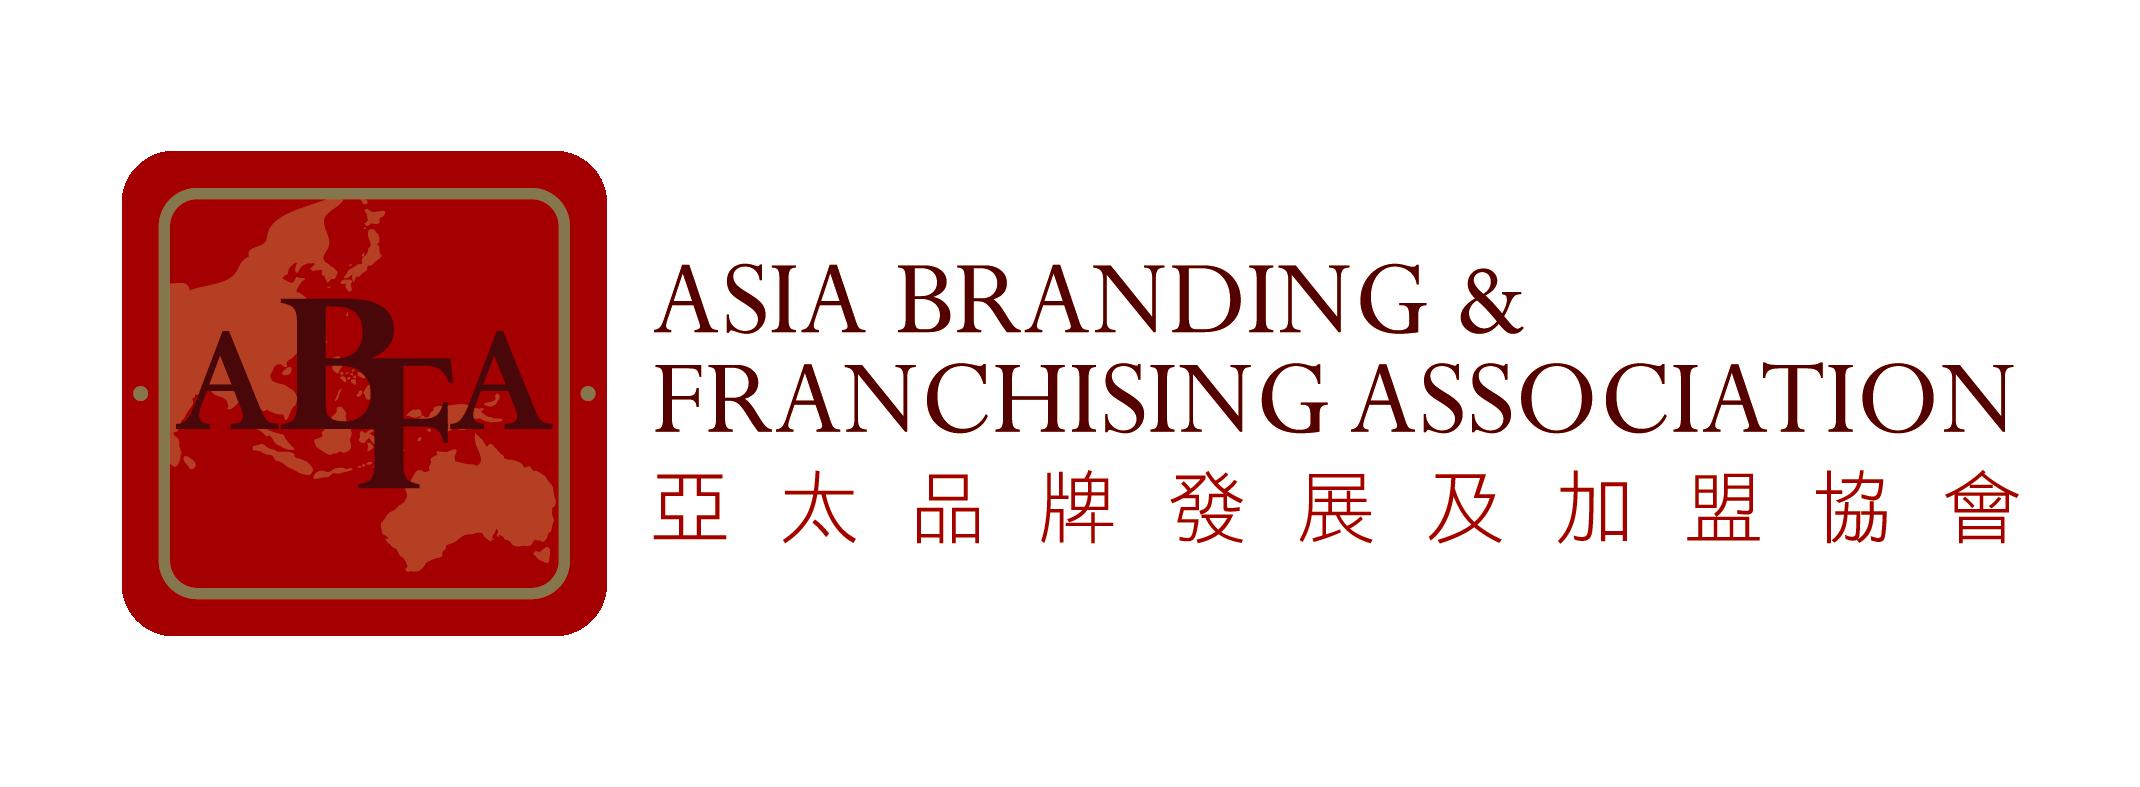 亞太品牌發展及加盟協會